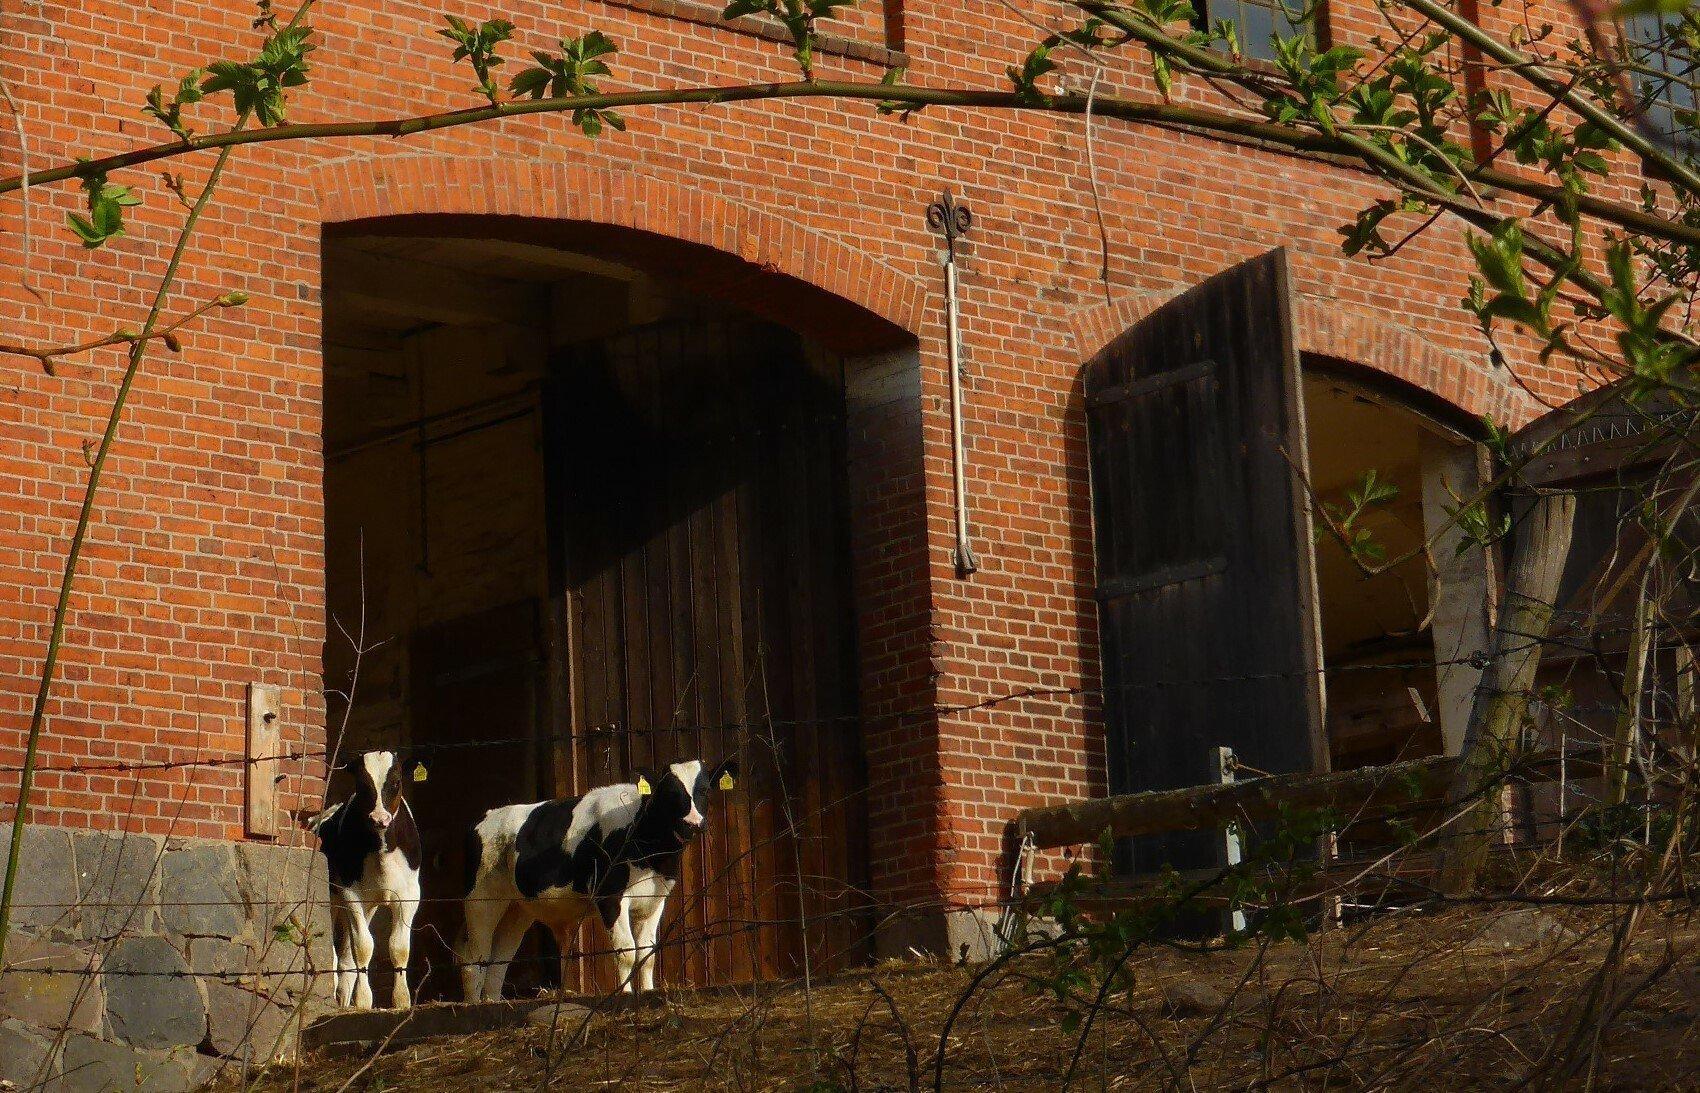 Vor dem offenen Tor eines Backsteins-Stallgebäudes lugen zwei Holstein-Kälber in die Morgensonne.